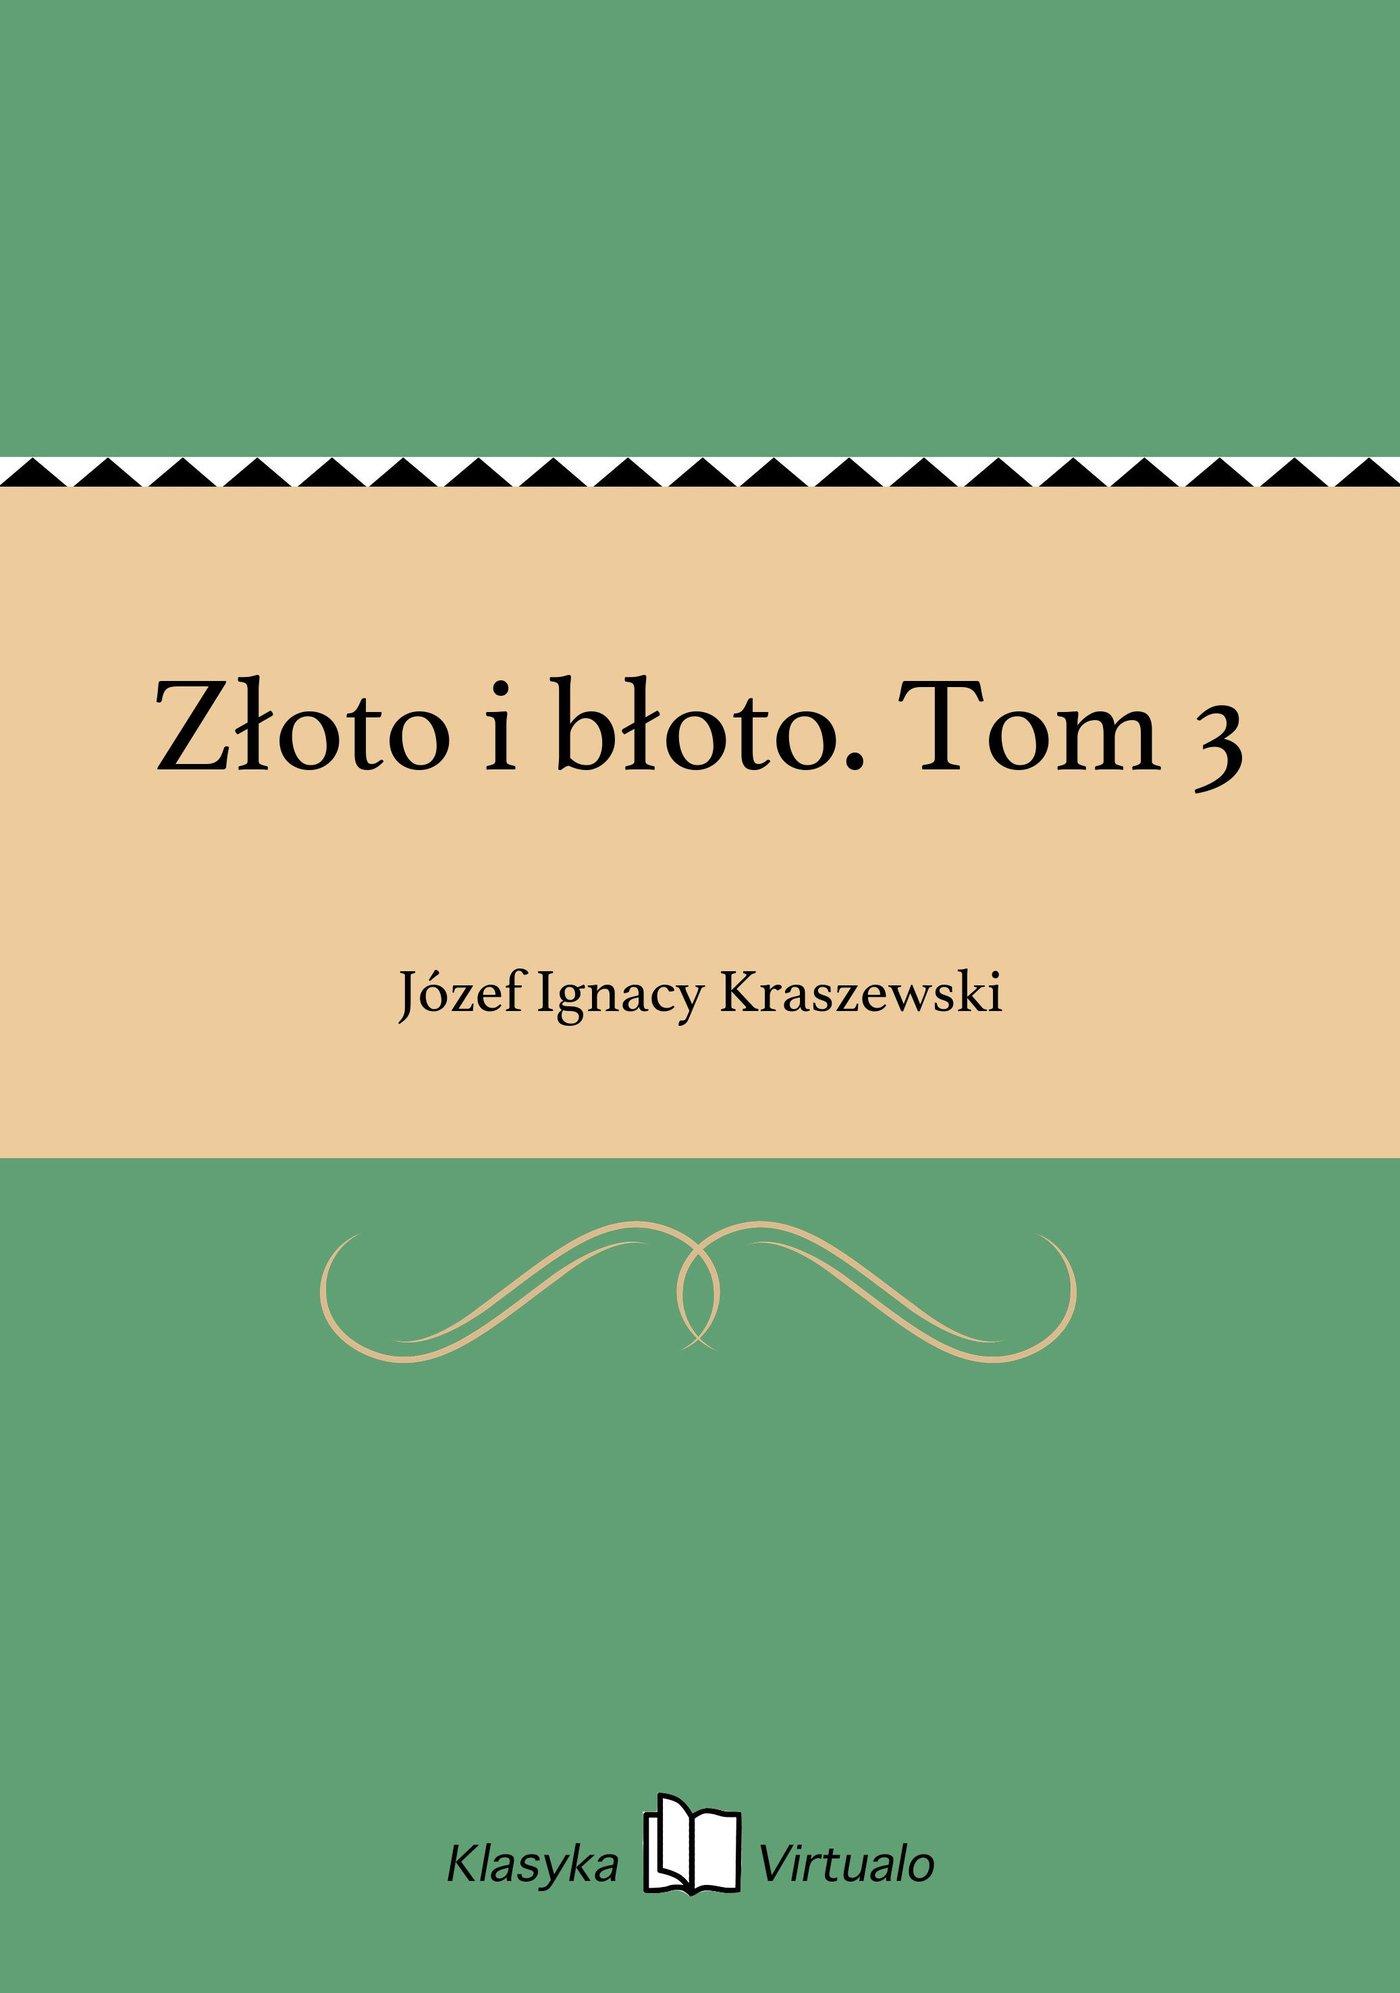 Złoto i błoto. Tom 3 - Ebook (Książka EPUB) do pobrania w formacie EPUB